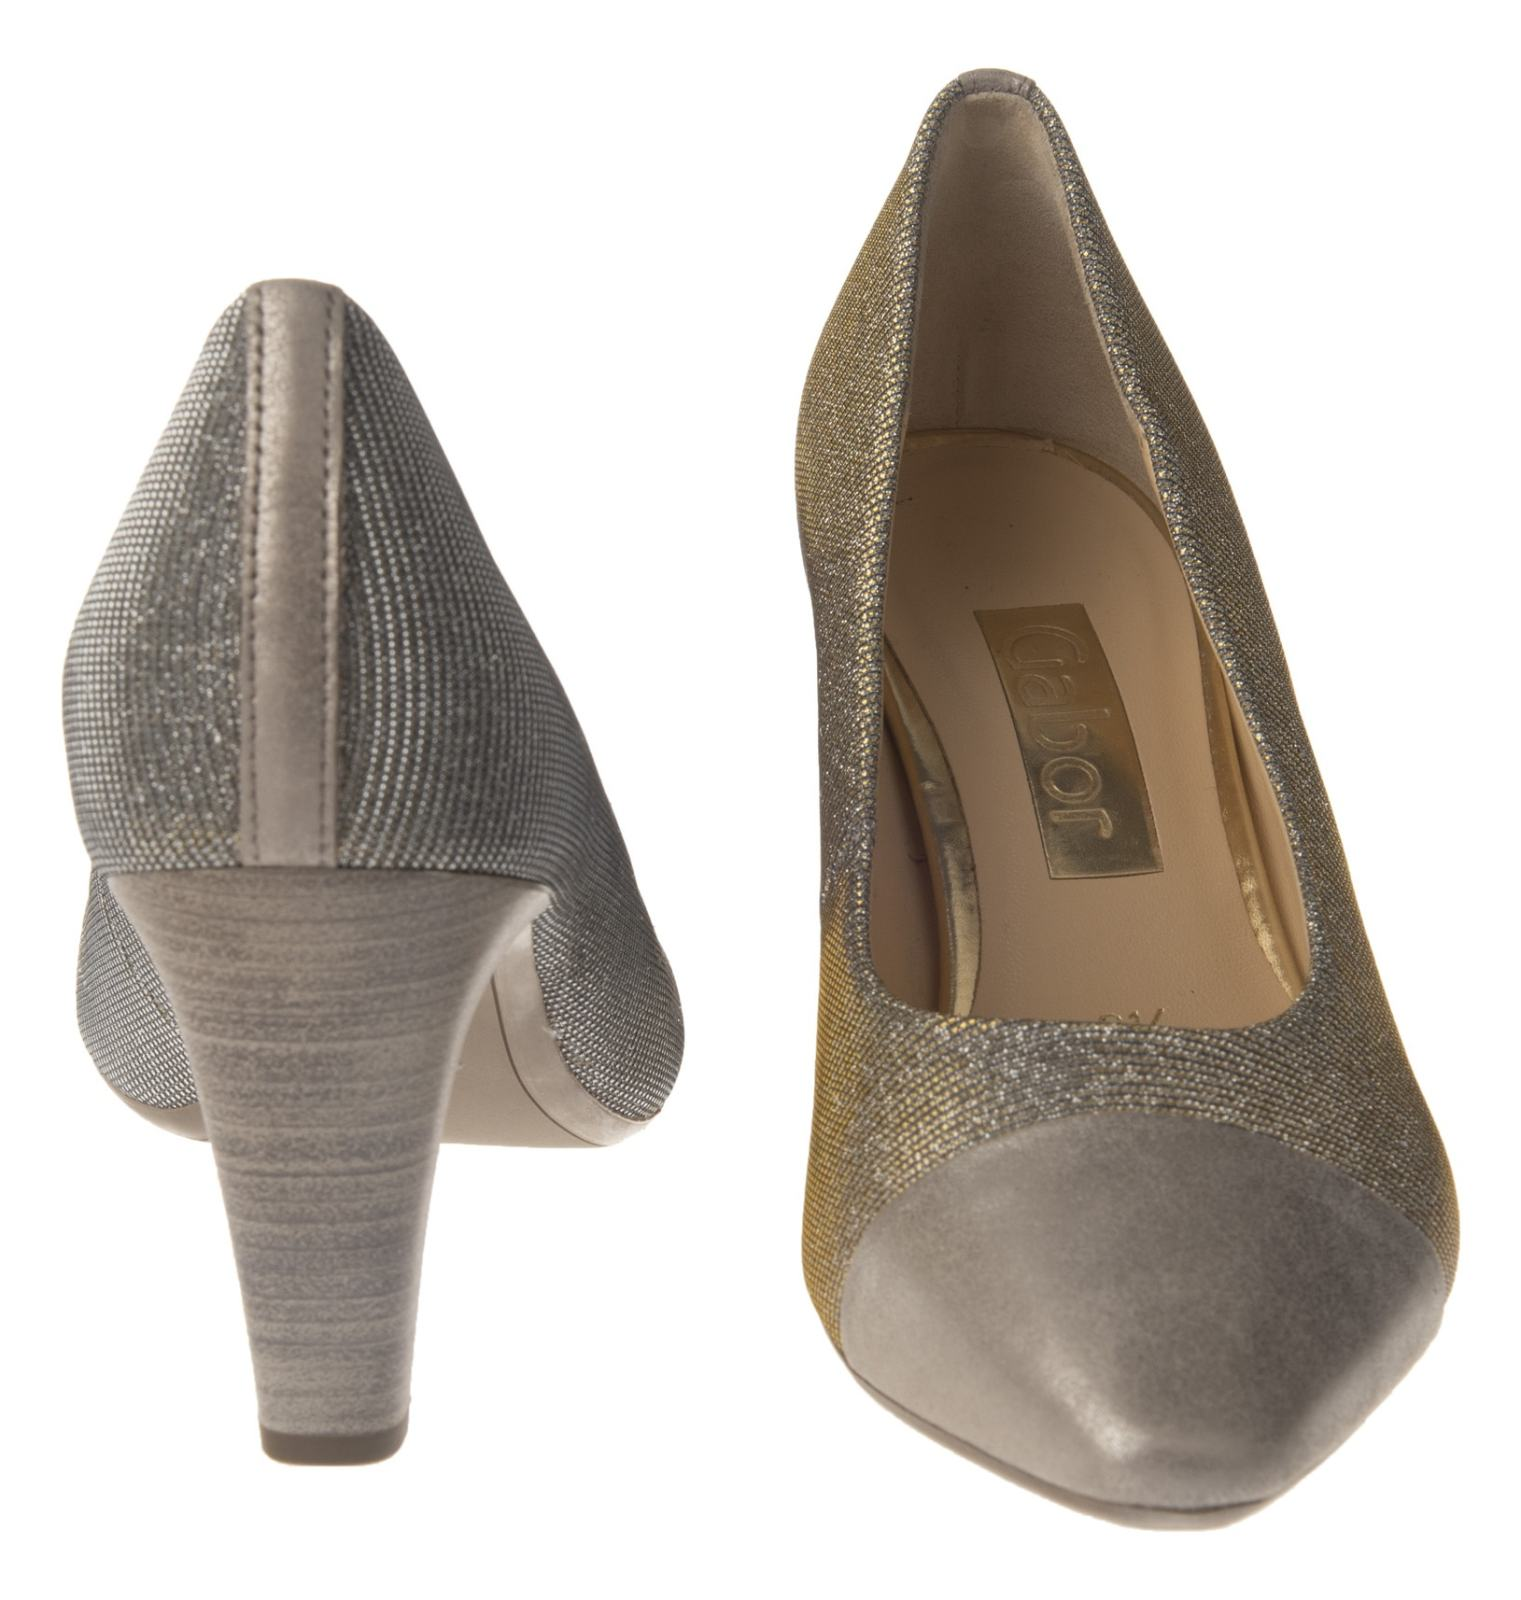 کفش زنانه گابور مدل 65.152.62 main 1 4